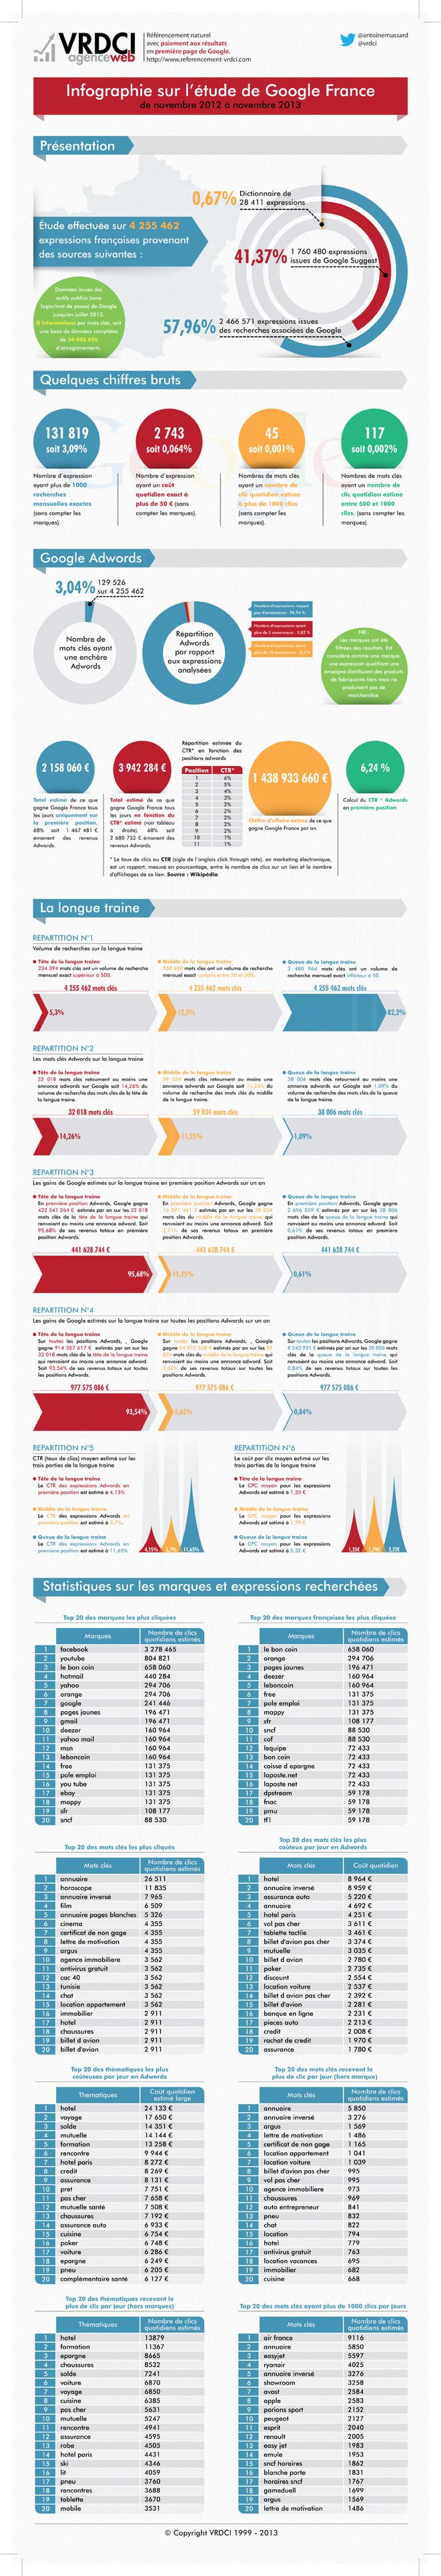 infographie-etude-google-france